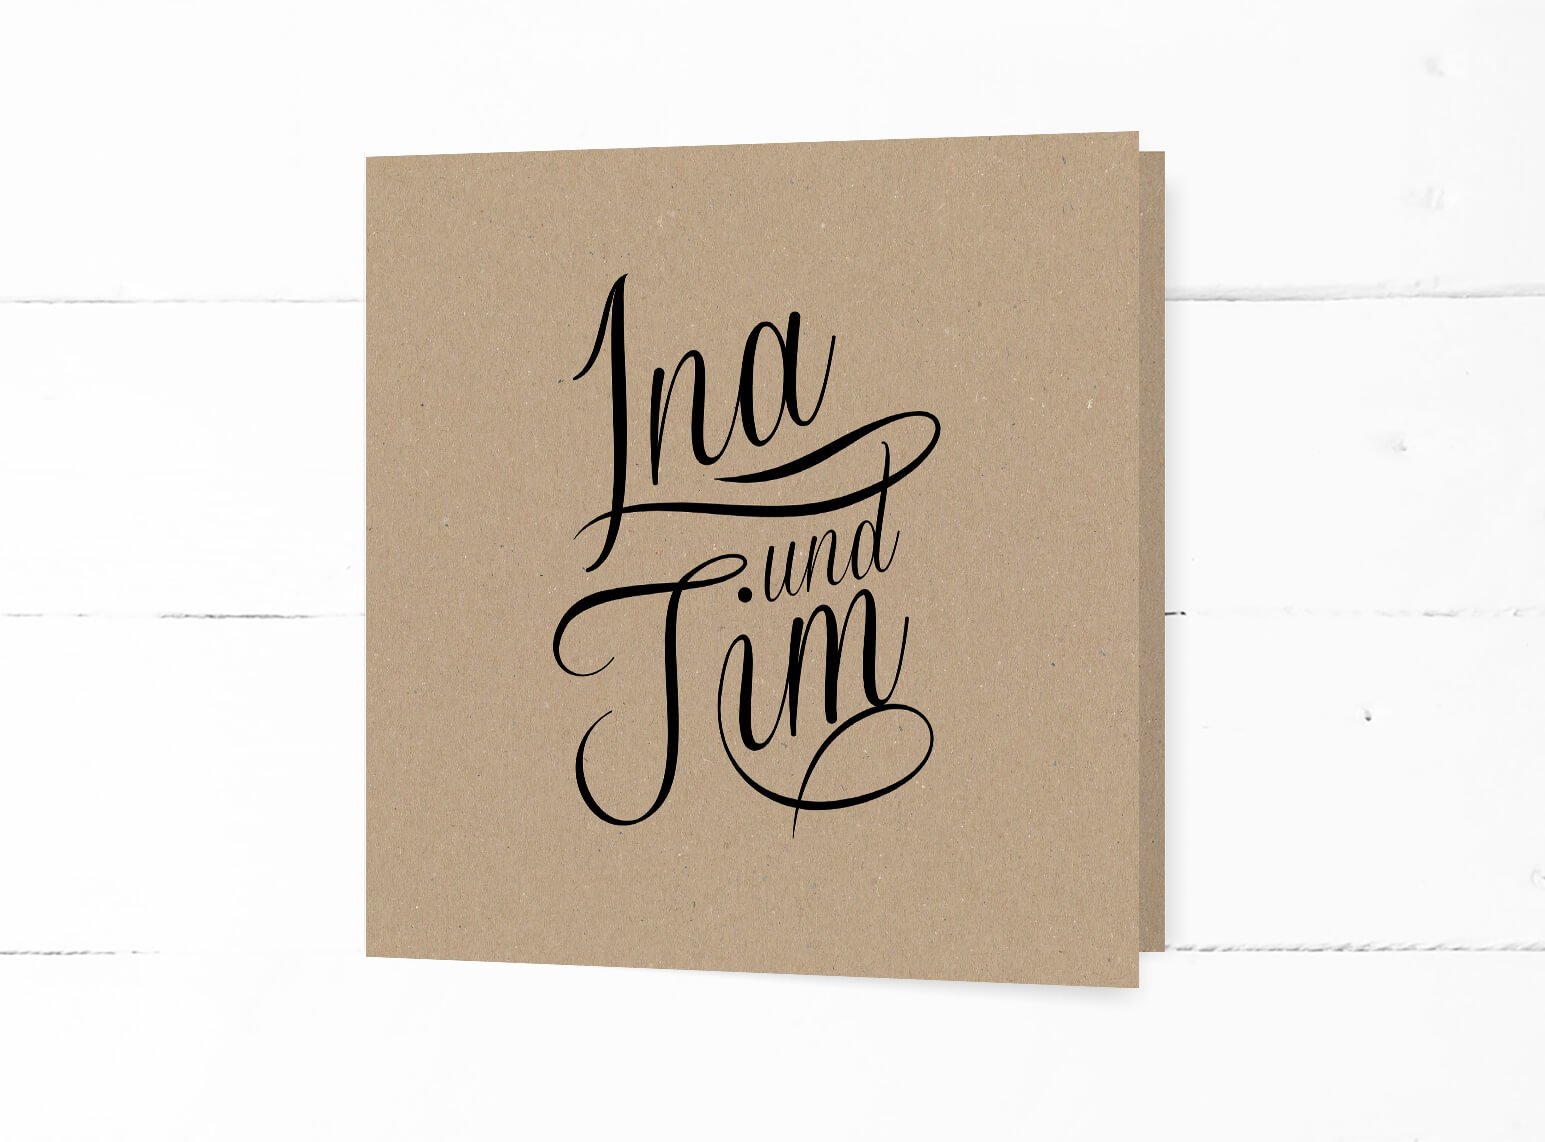 Hochzeitseinladung auf echtem Kraftpapier quadratisch, schwarze Kalligrafie, Klappkarte, Naturpapier, Vintage Stil